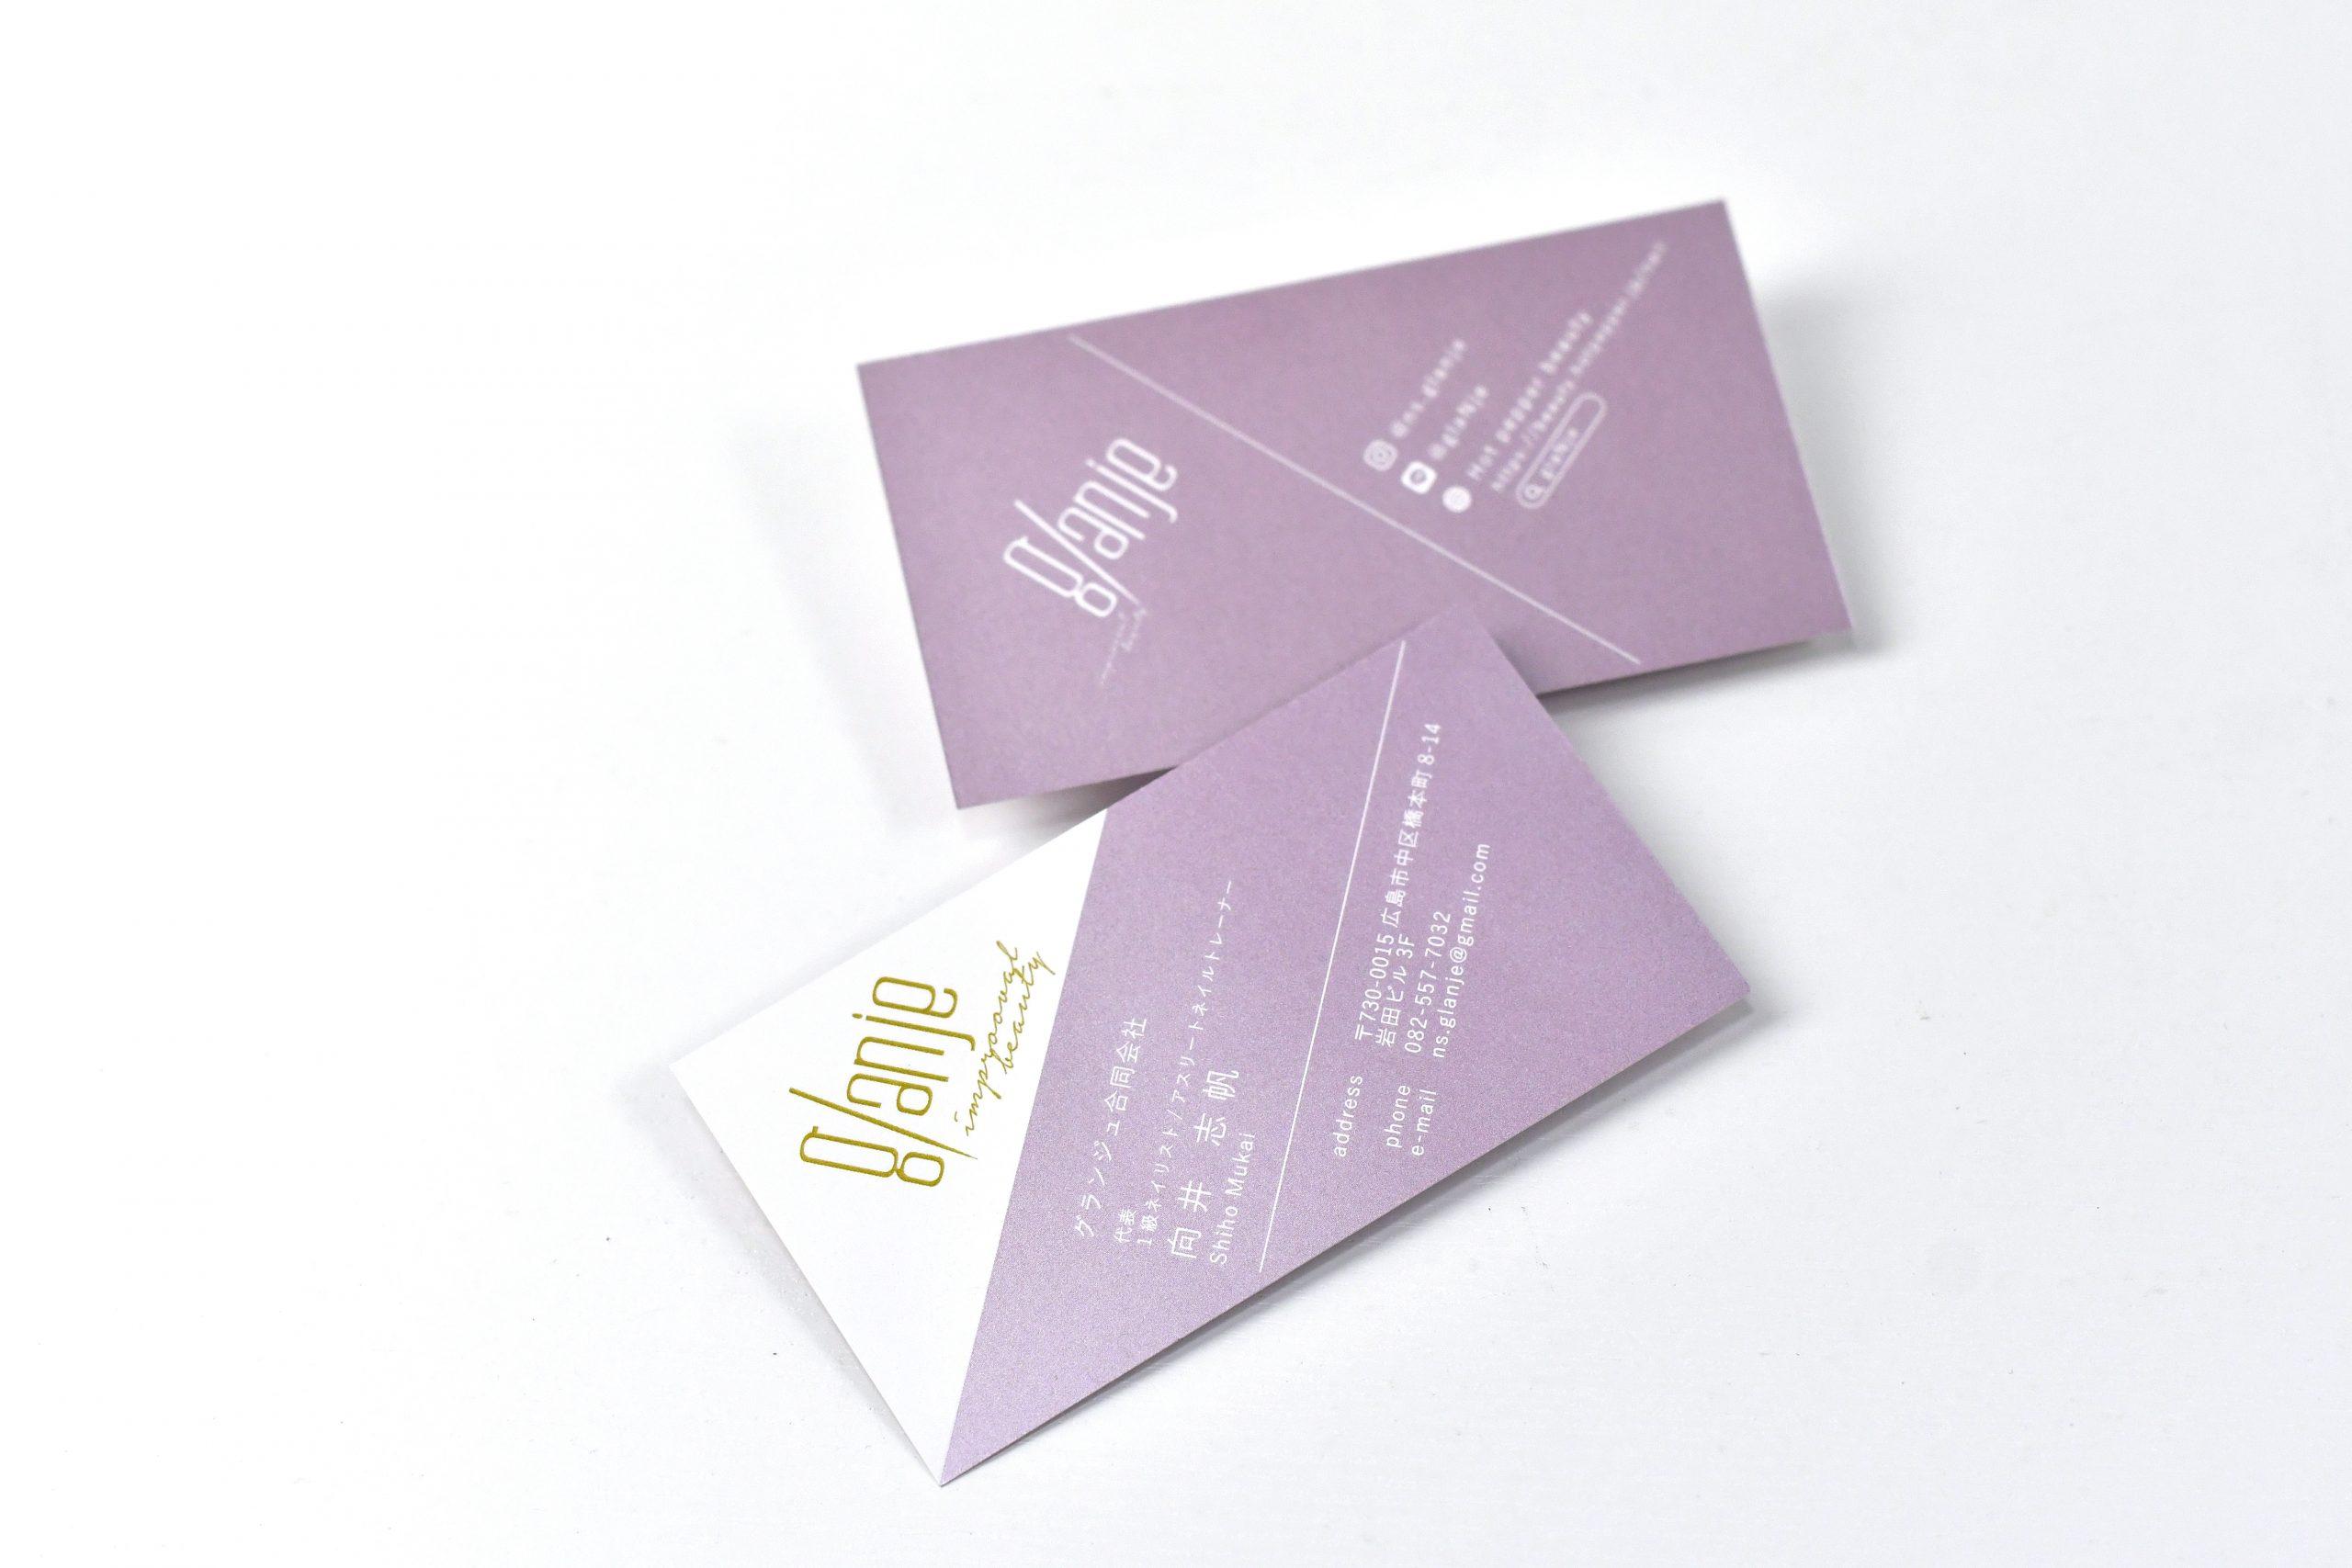 ネイル&アイラッシュサロン様のニュアンスカラーがおしゃれなお名刺